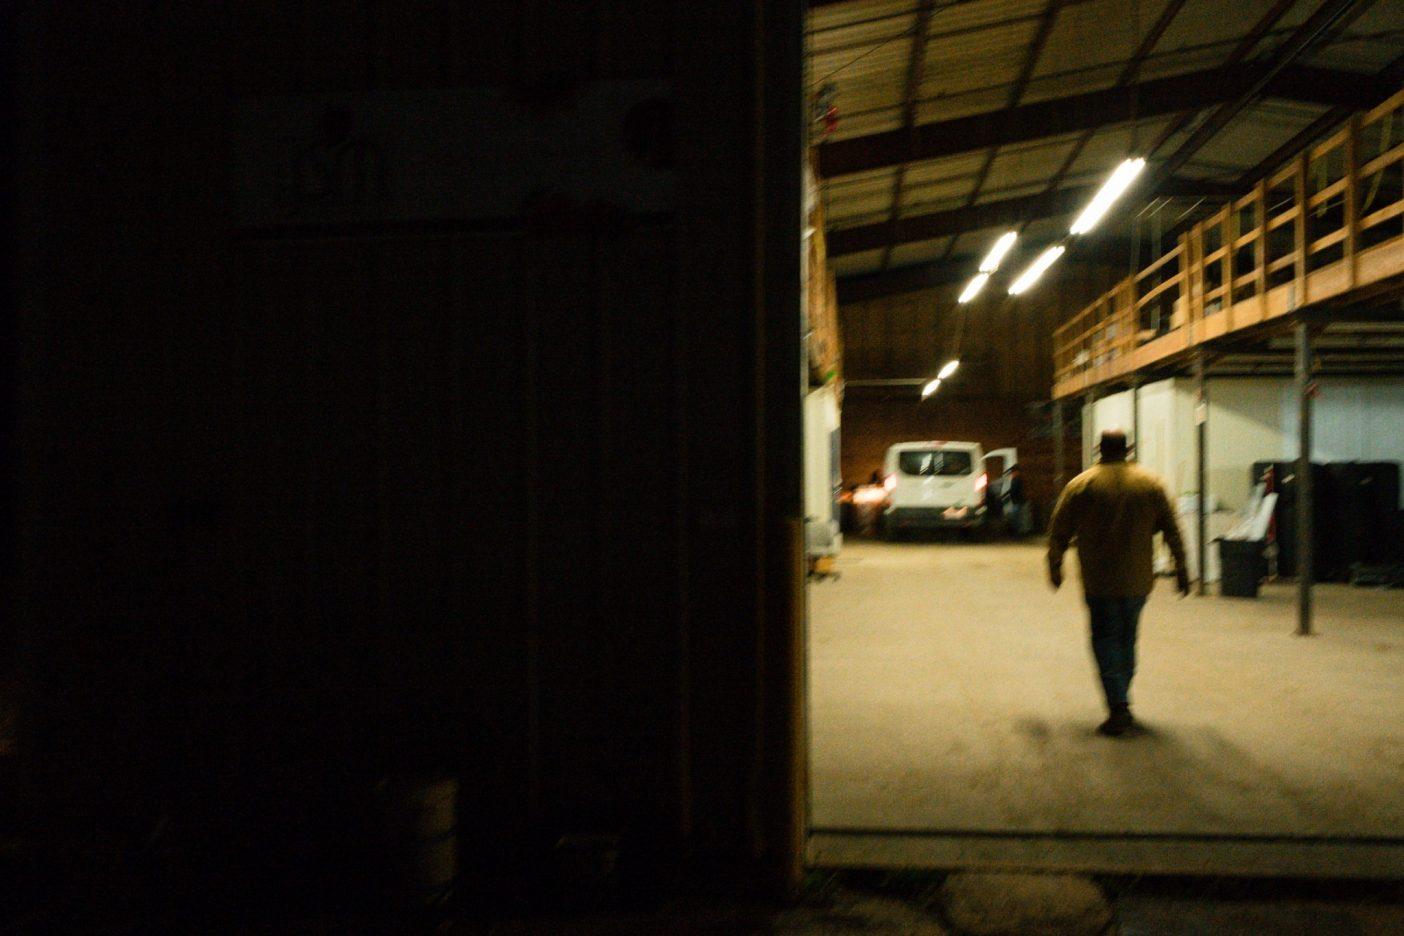 サモラの典型的な1日は夜明けよりずっと早くはじまり、夕暮れに終わる。カリフォルニア州ロイヤル・オークス